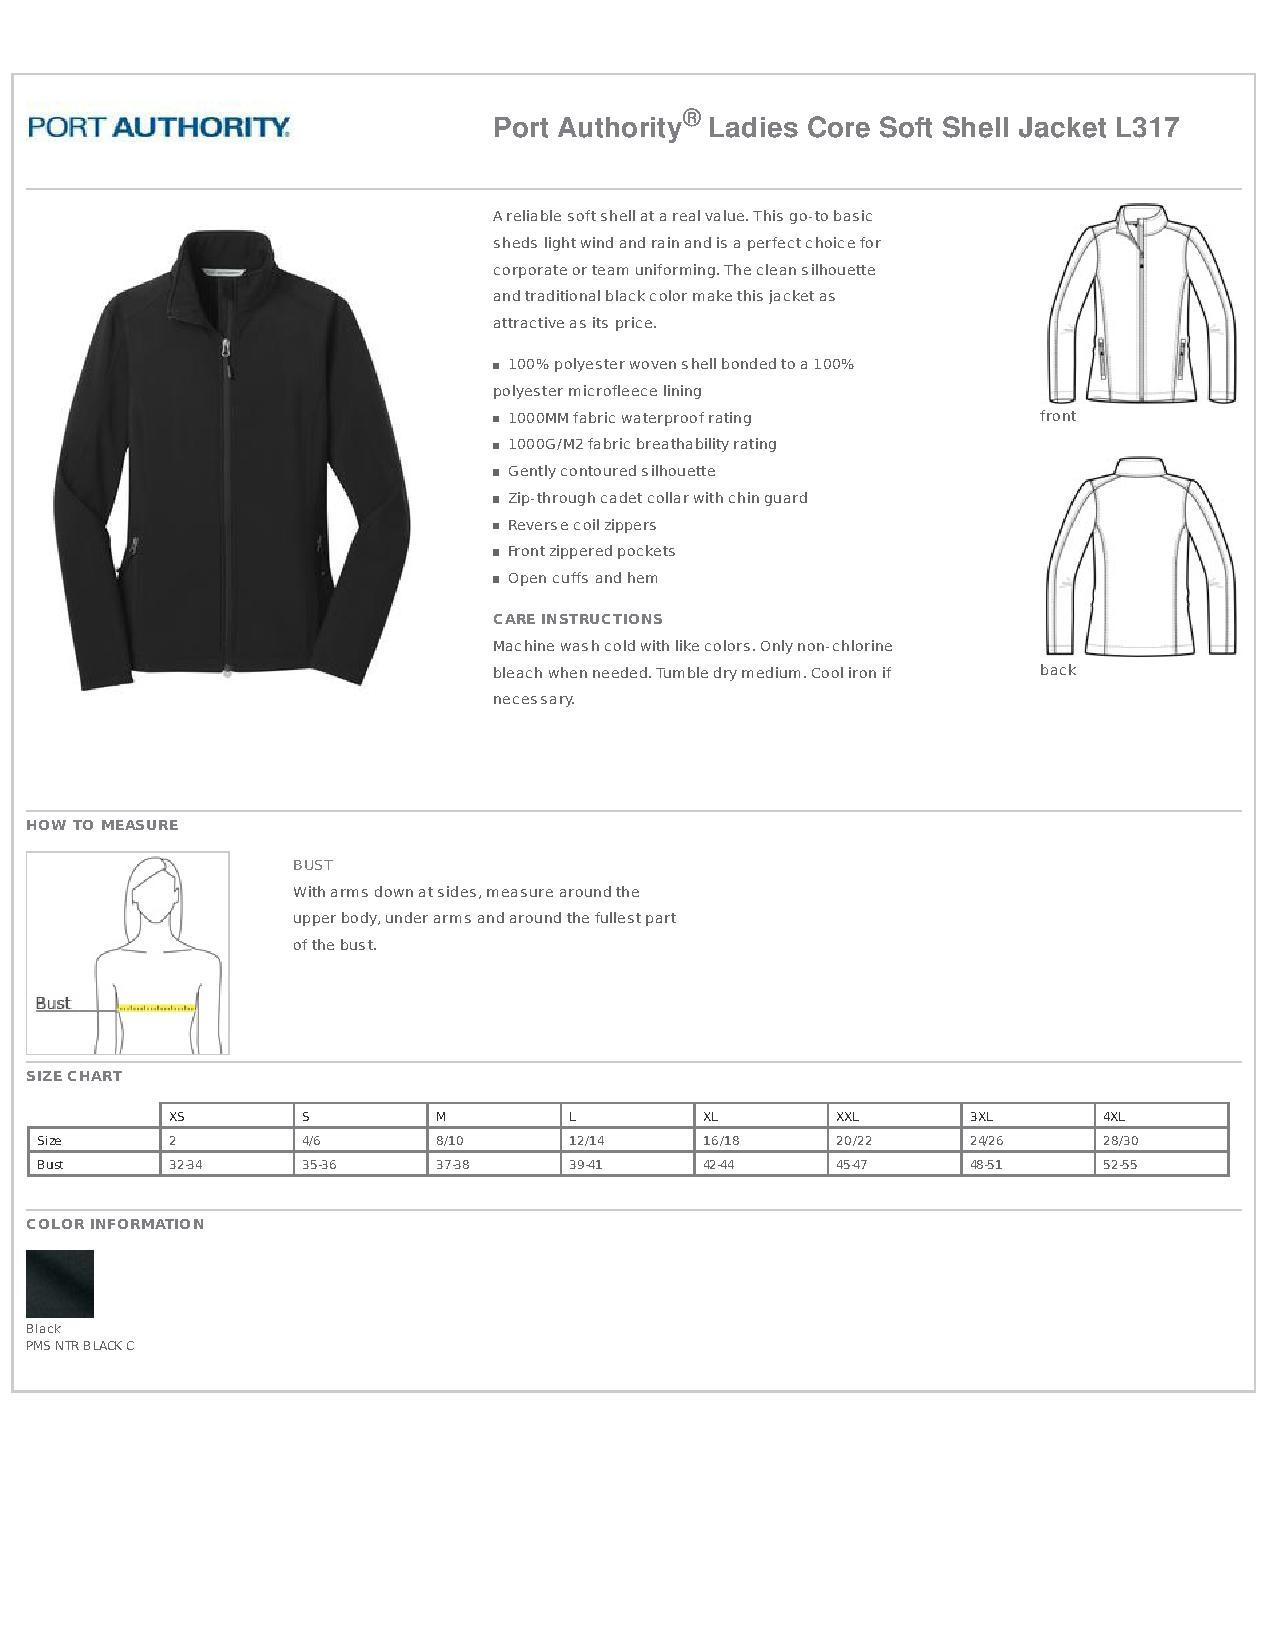 Port Authority Soft Shell Jacket